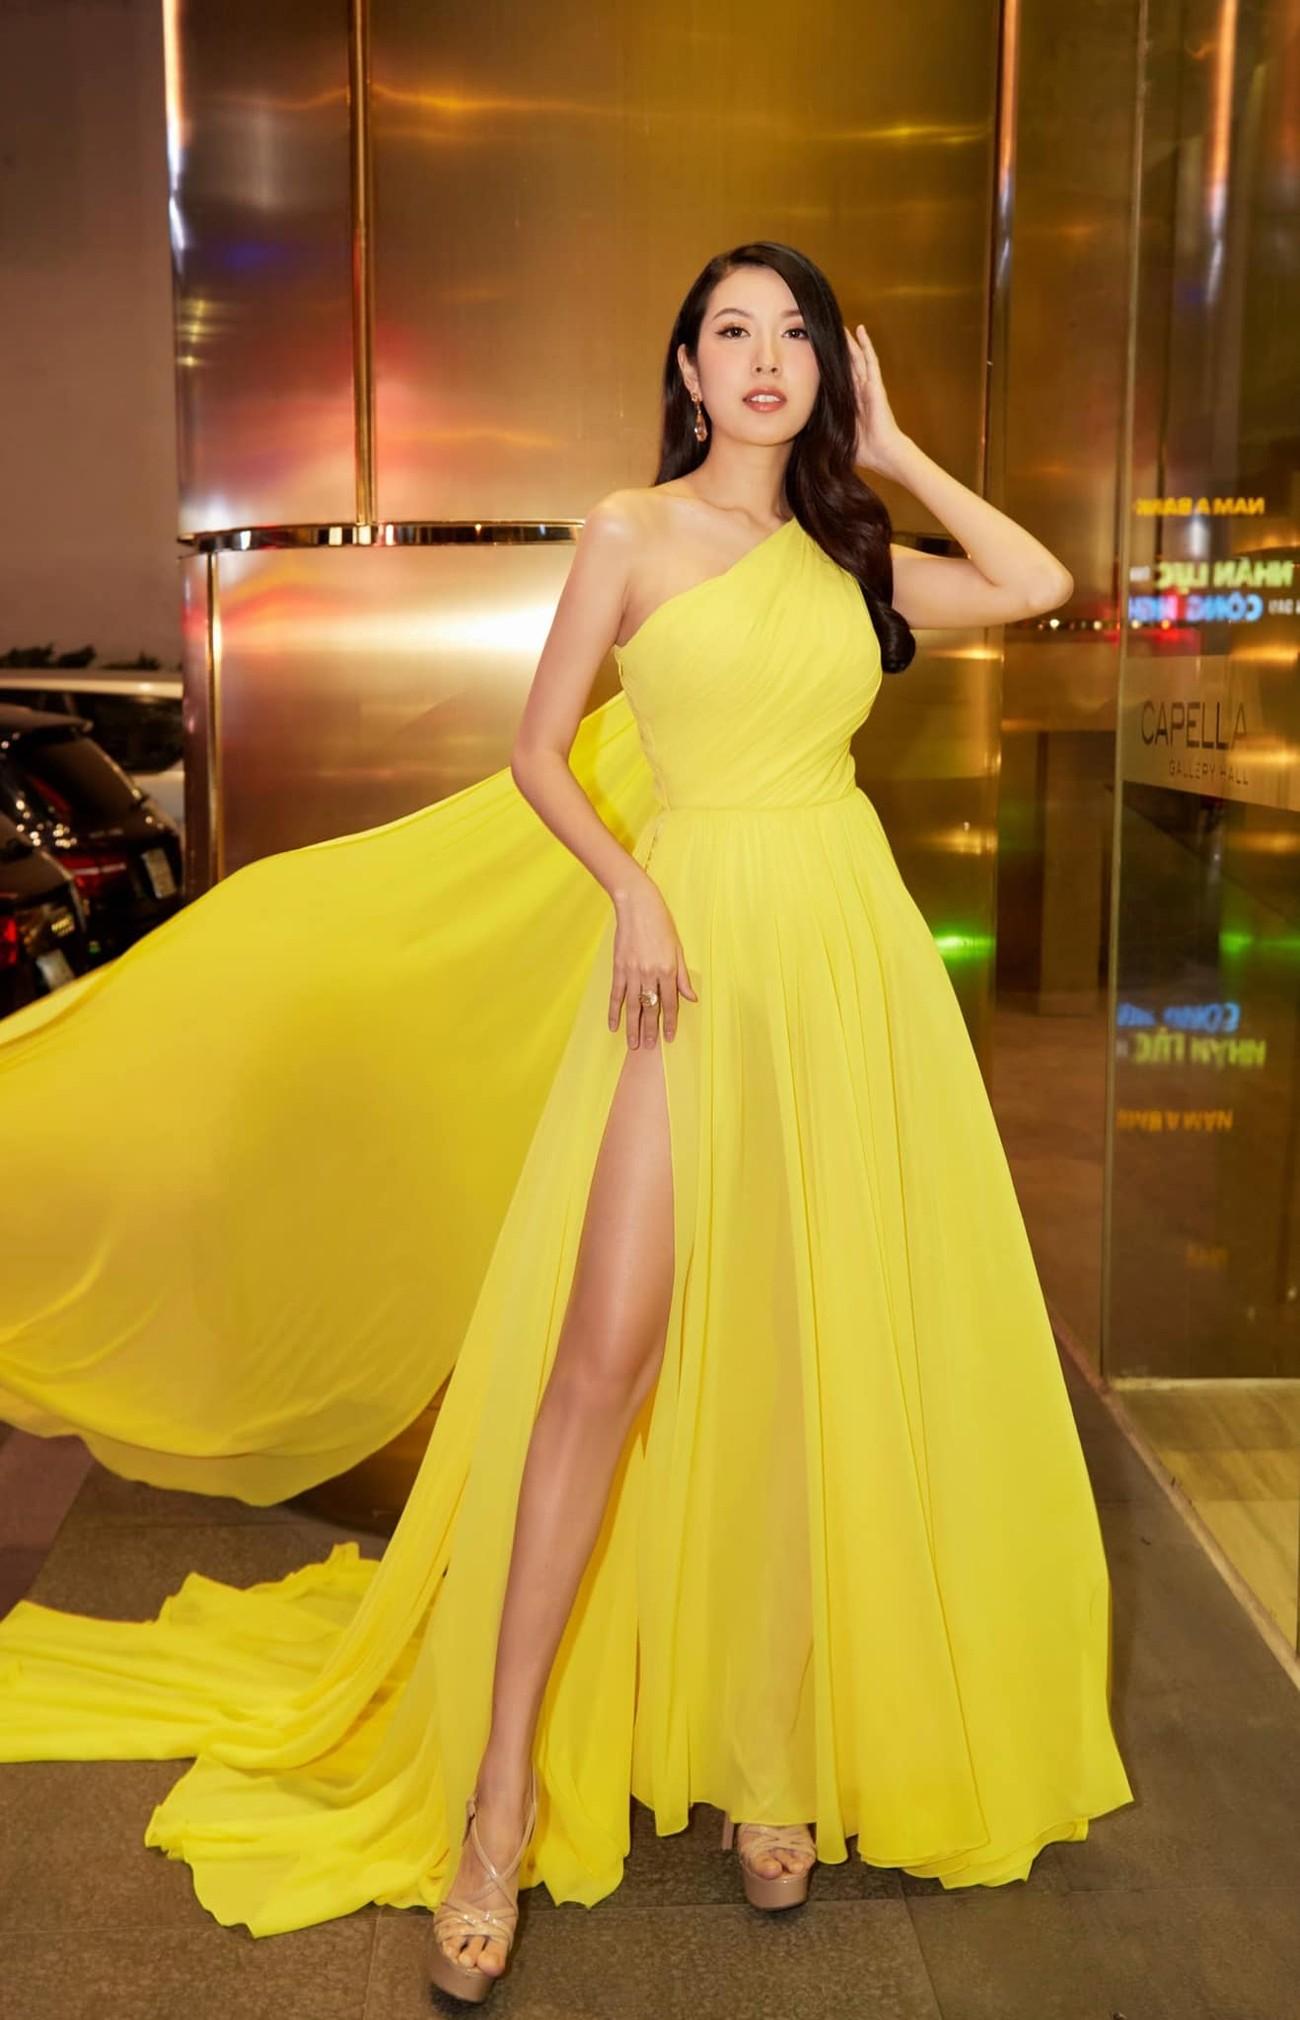 Tiểu Vy mặc giản dị mà 'chất' như fashionista, Khánh Vân khoe vòng một nóng bỏng ảnh 14